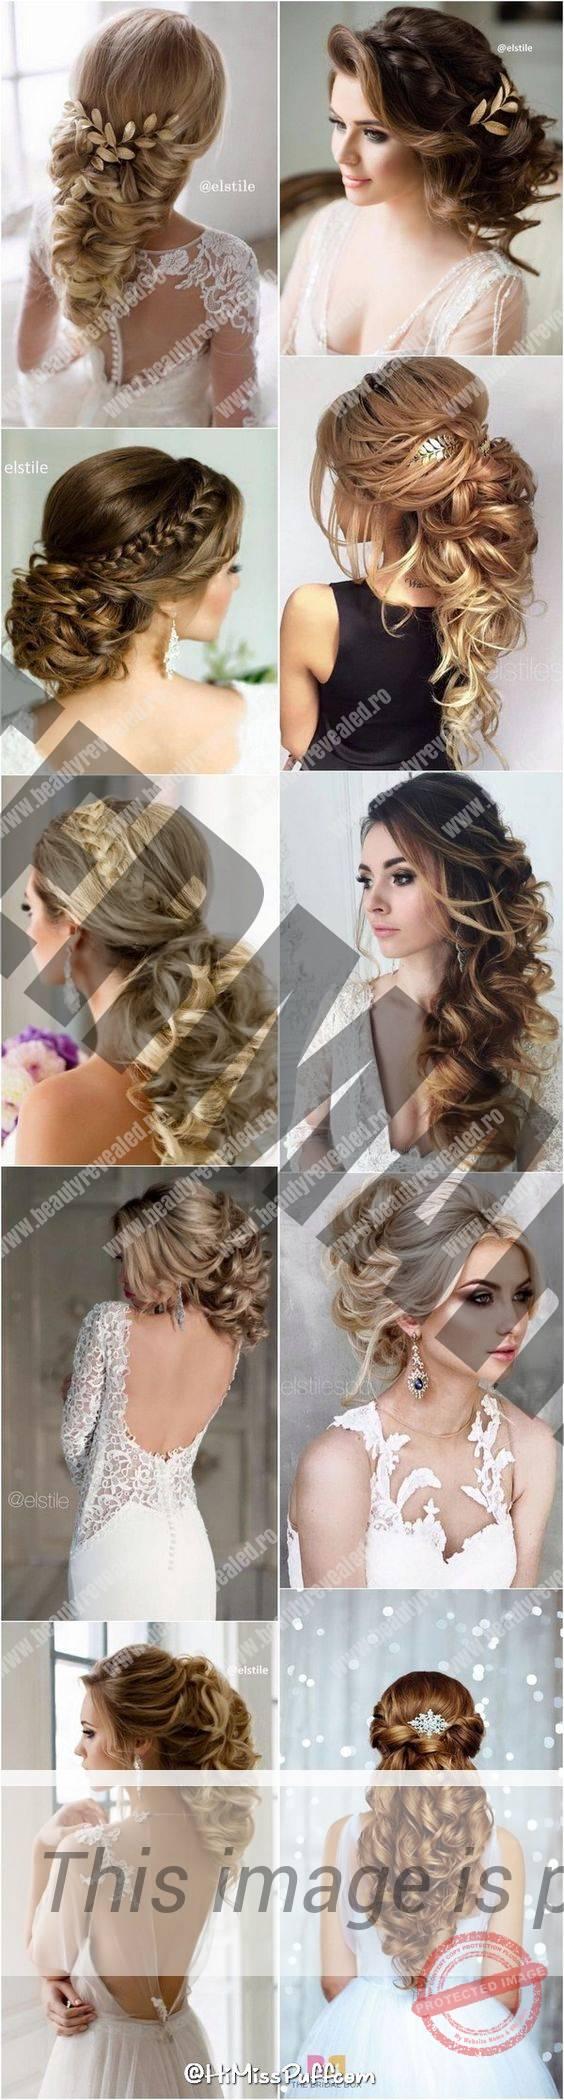 hair-brides